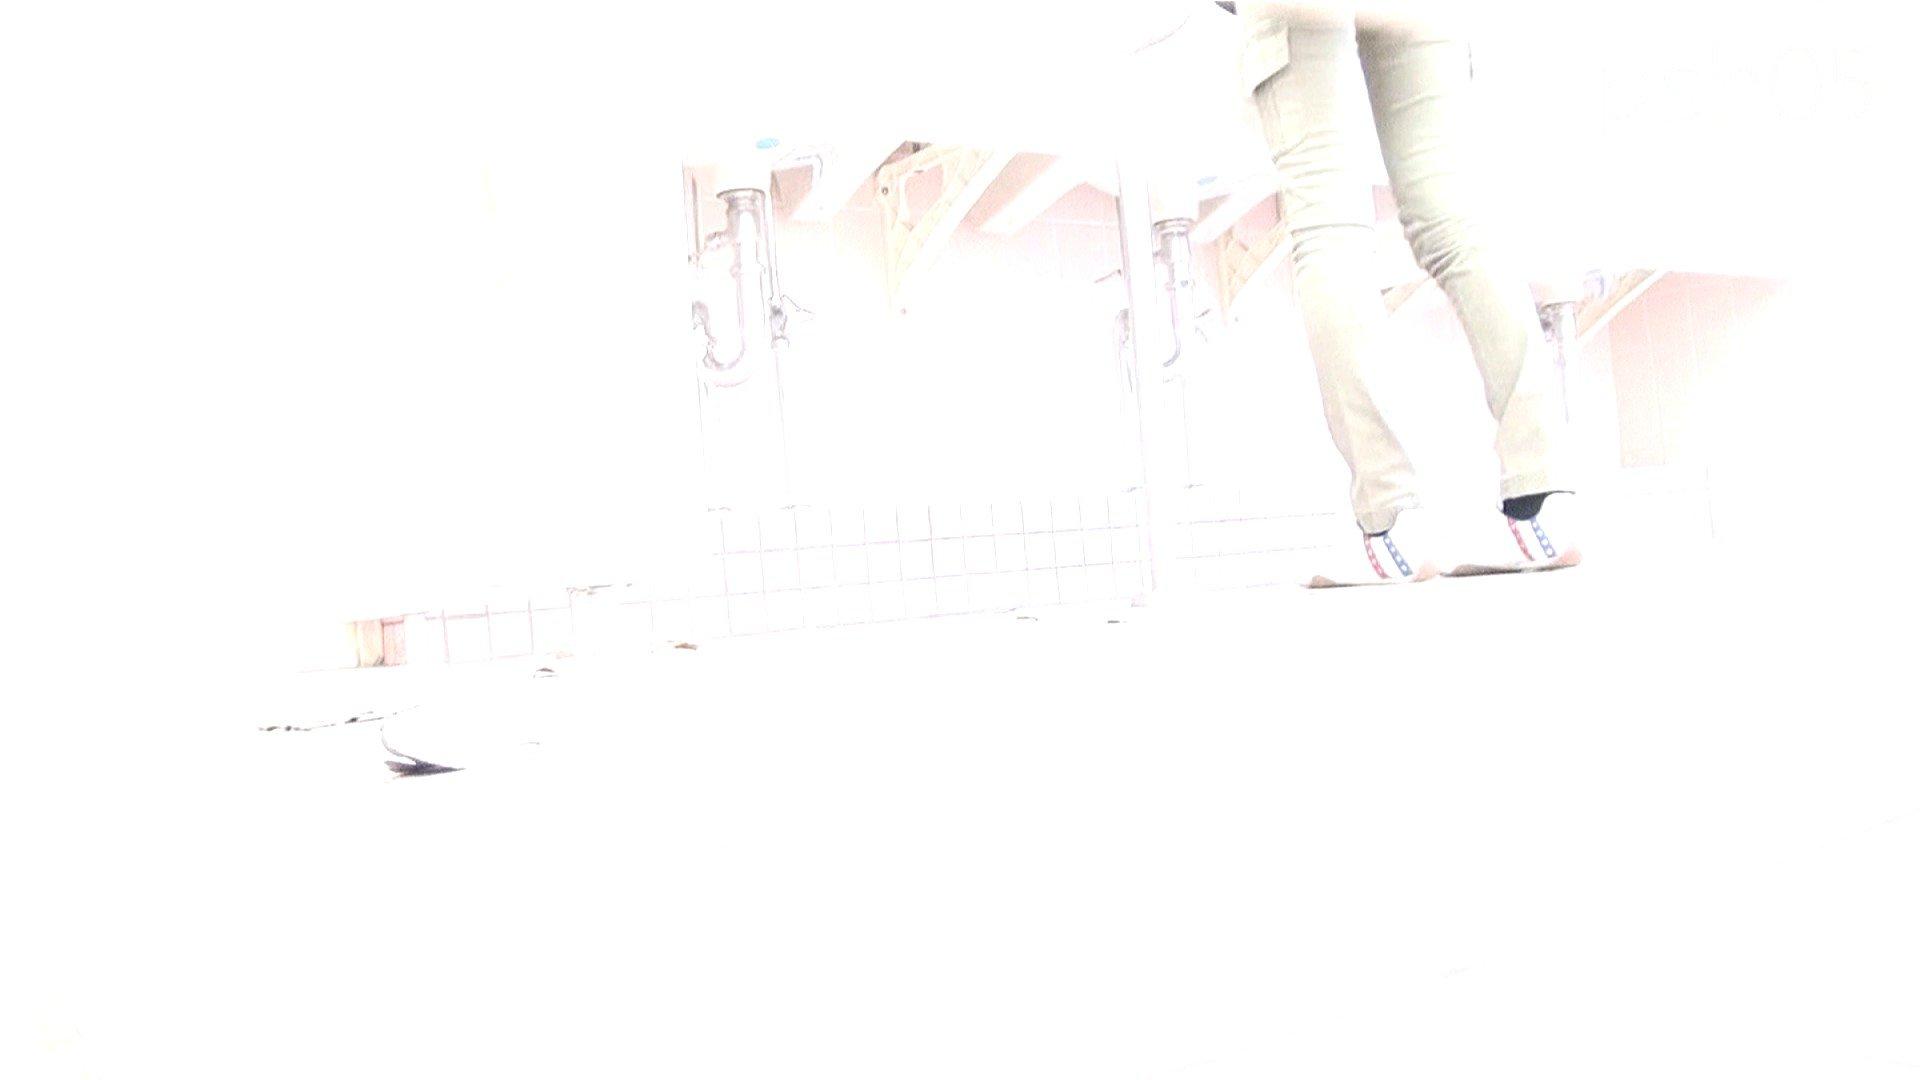 ▲復活限定▲ハイビジョン 盗神伝 Vol.5 洗面所のぞき オメコ無修正動画無料 111枚 95